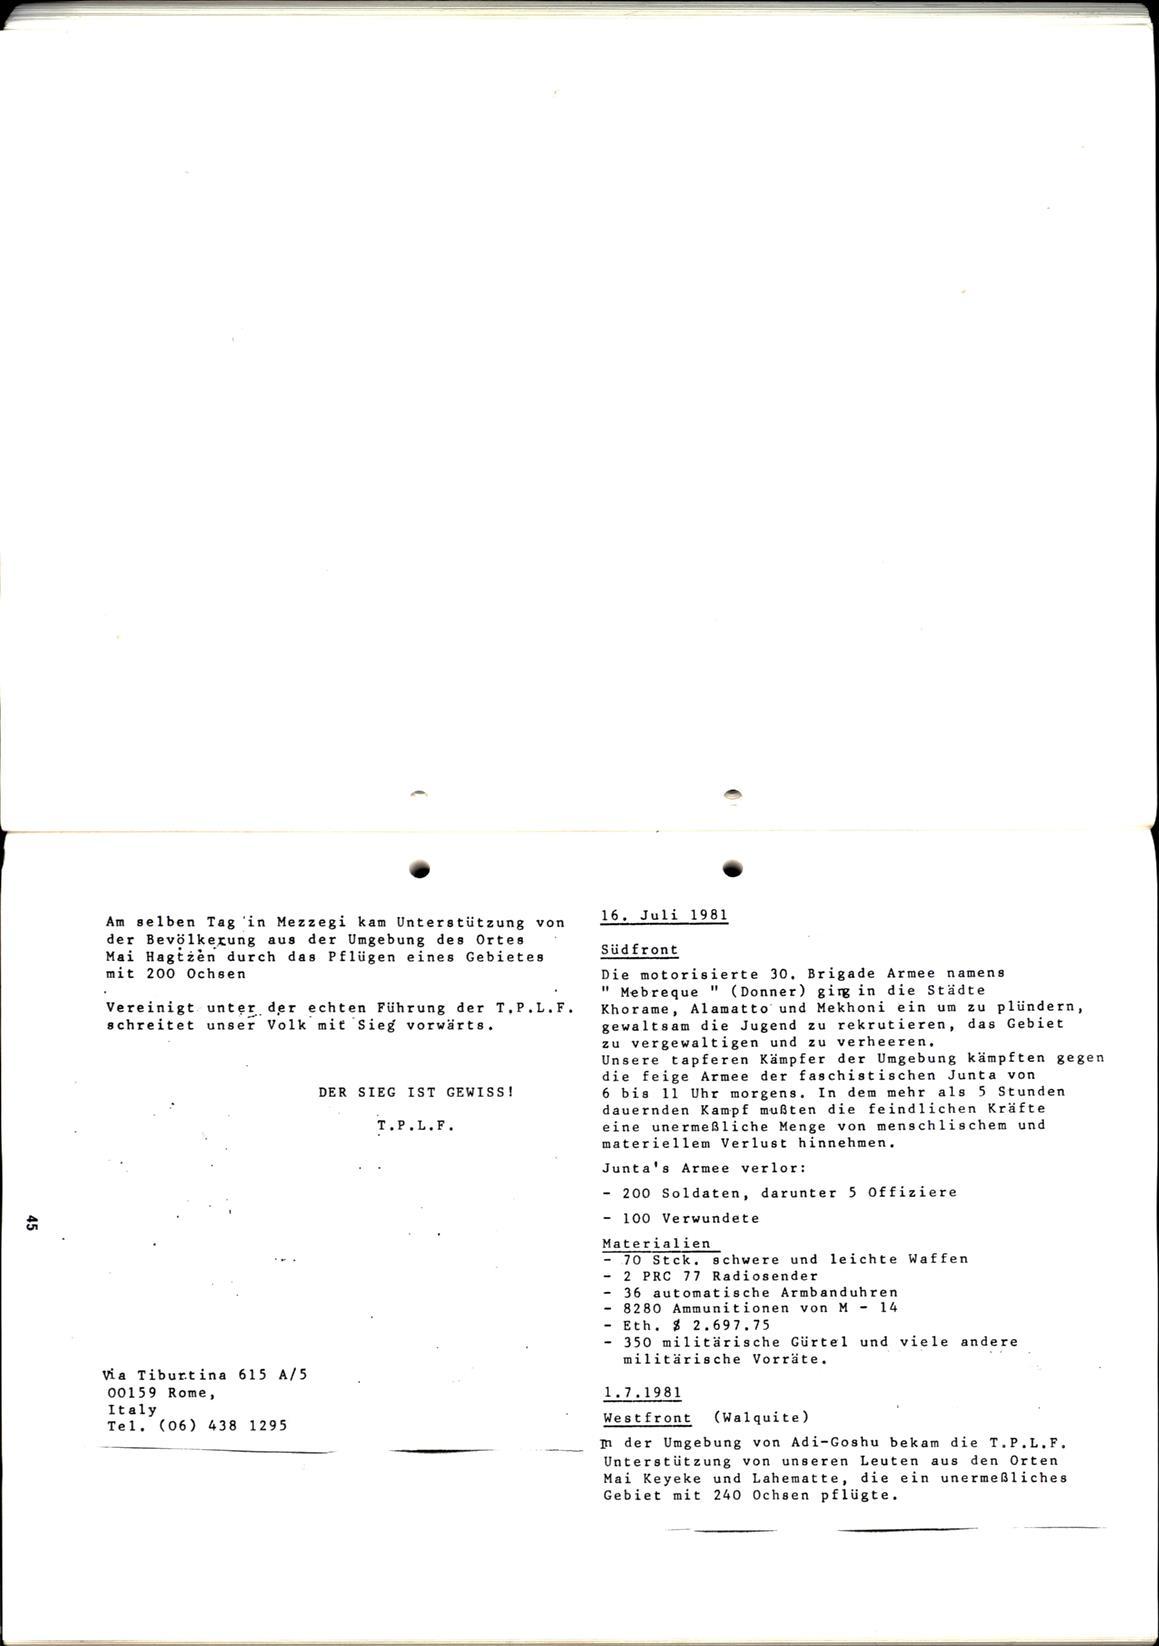 Ulm_KKU_19820118_007_046